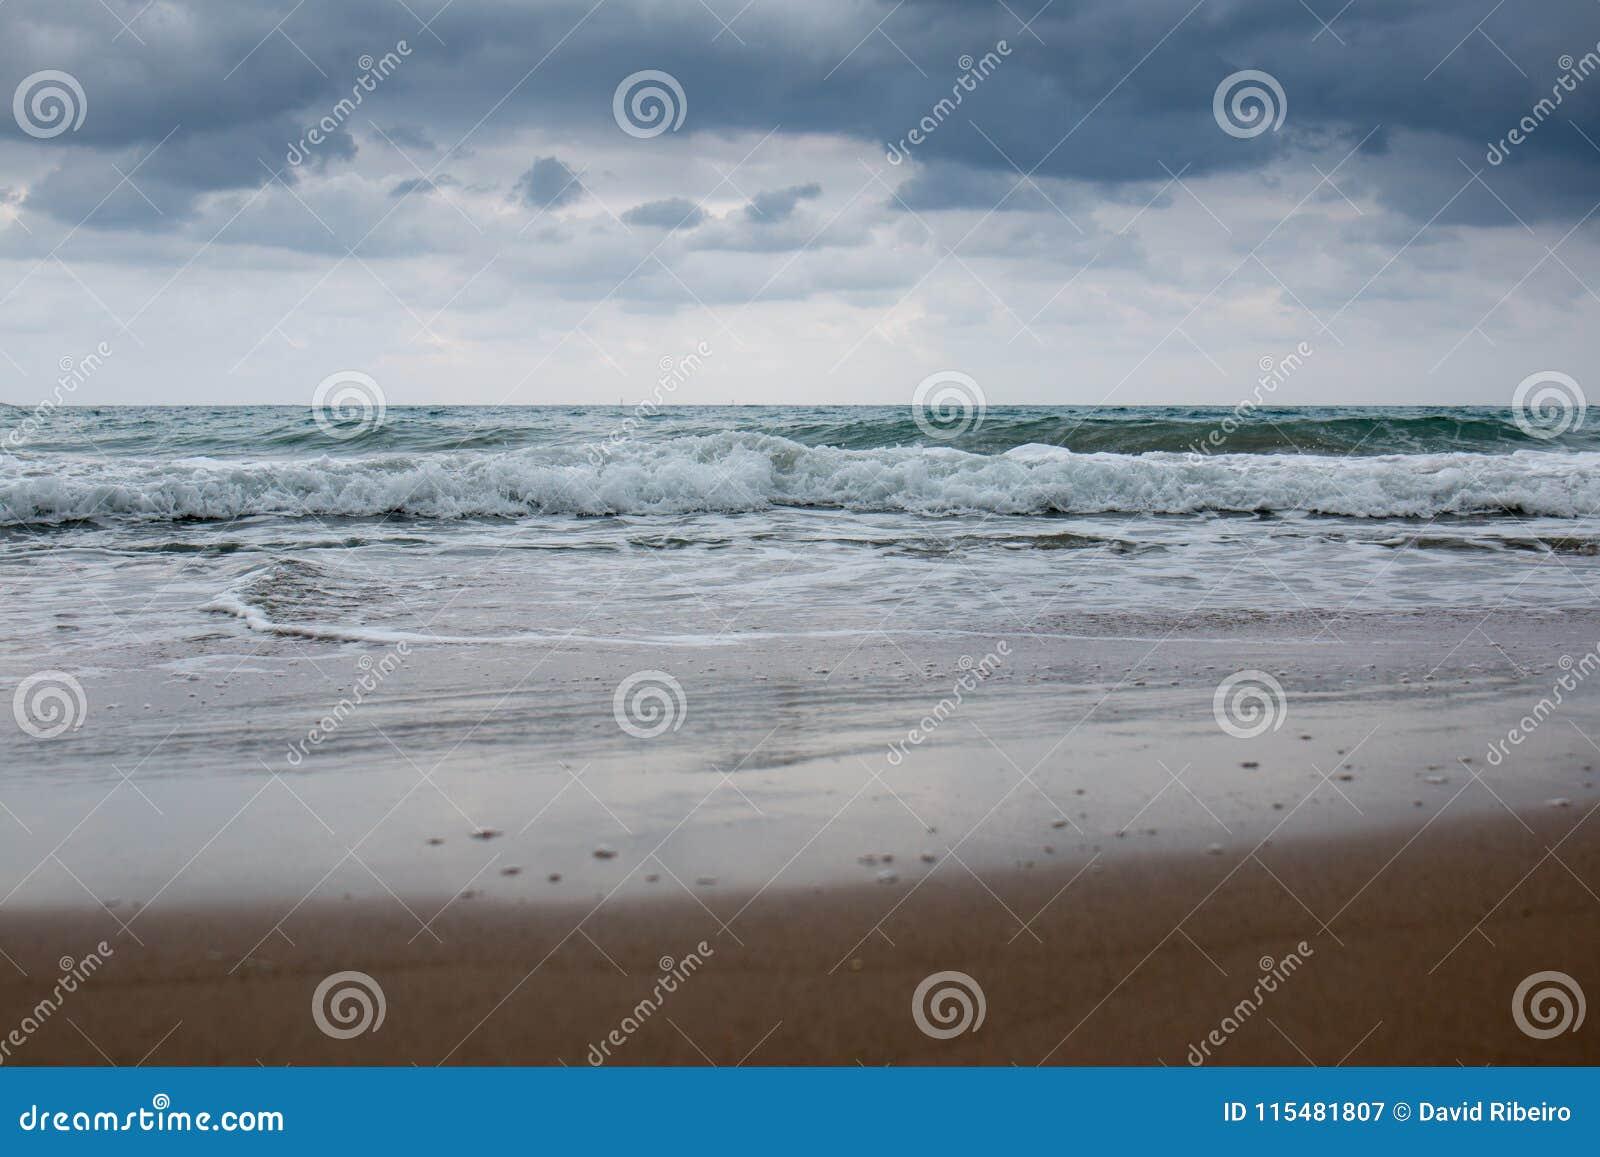 Grieks strand met turkoois water in een bewolkte dag